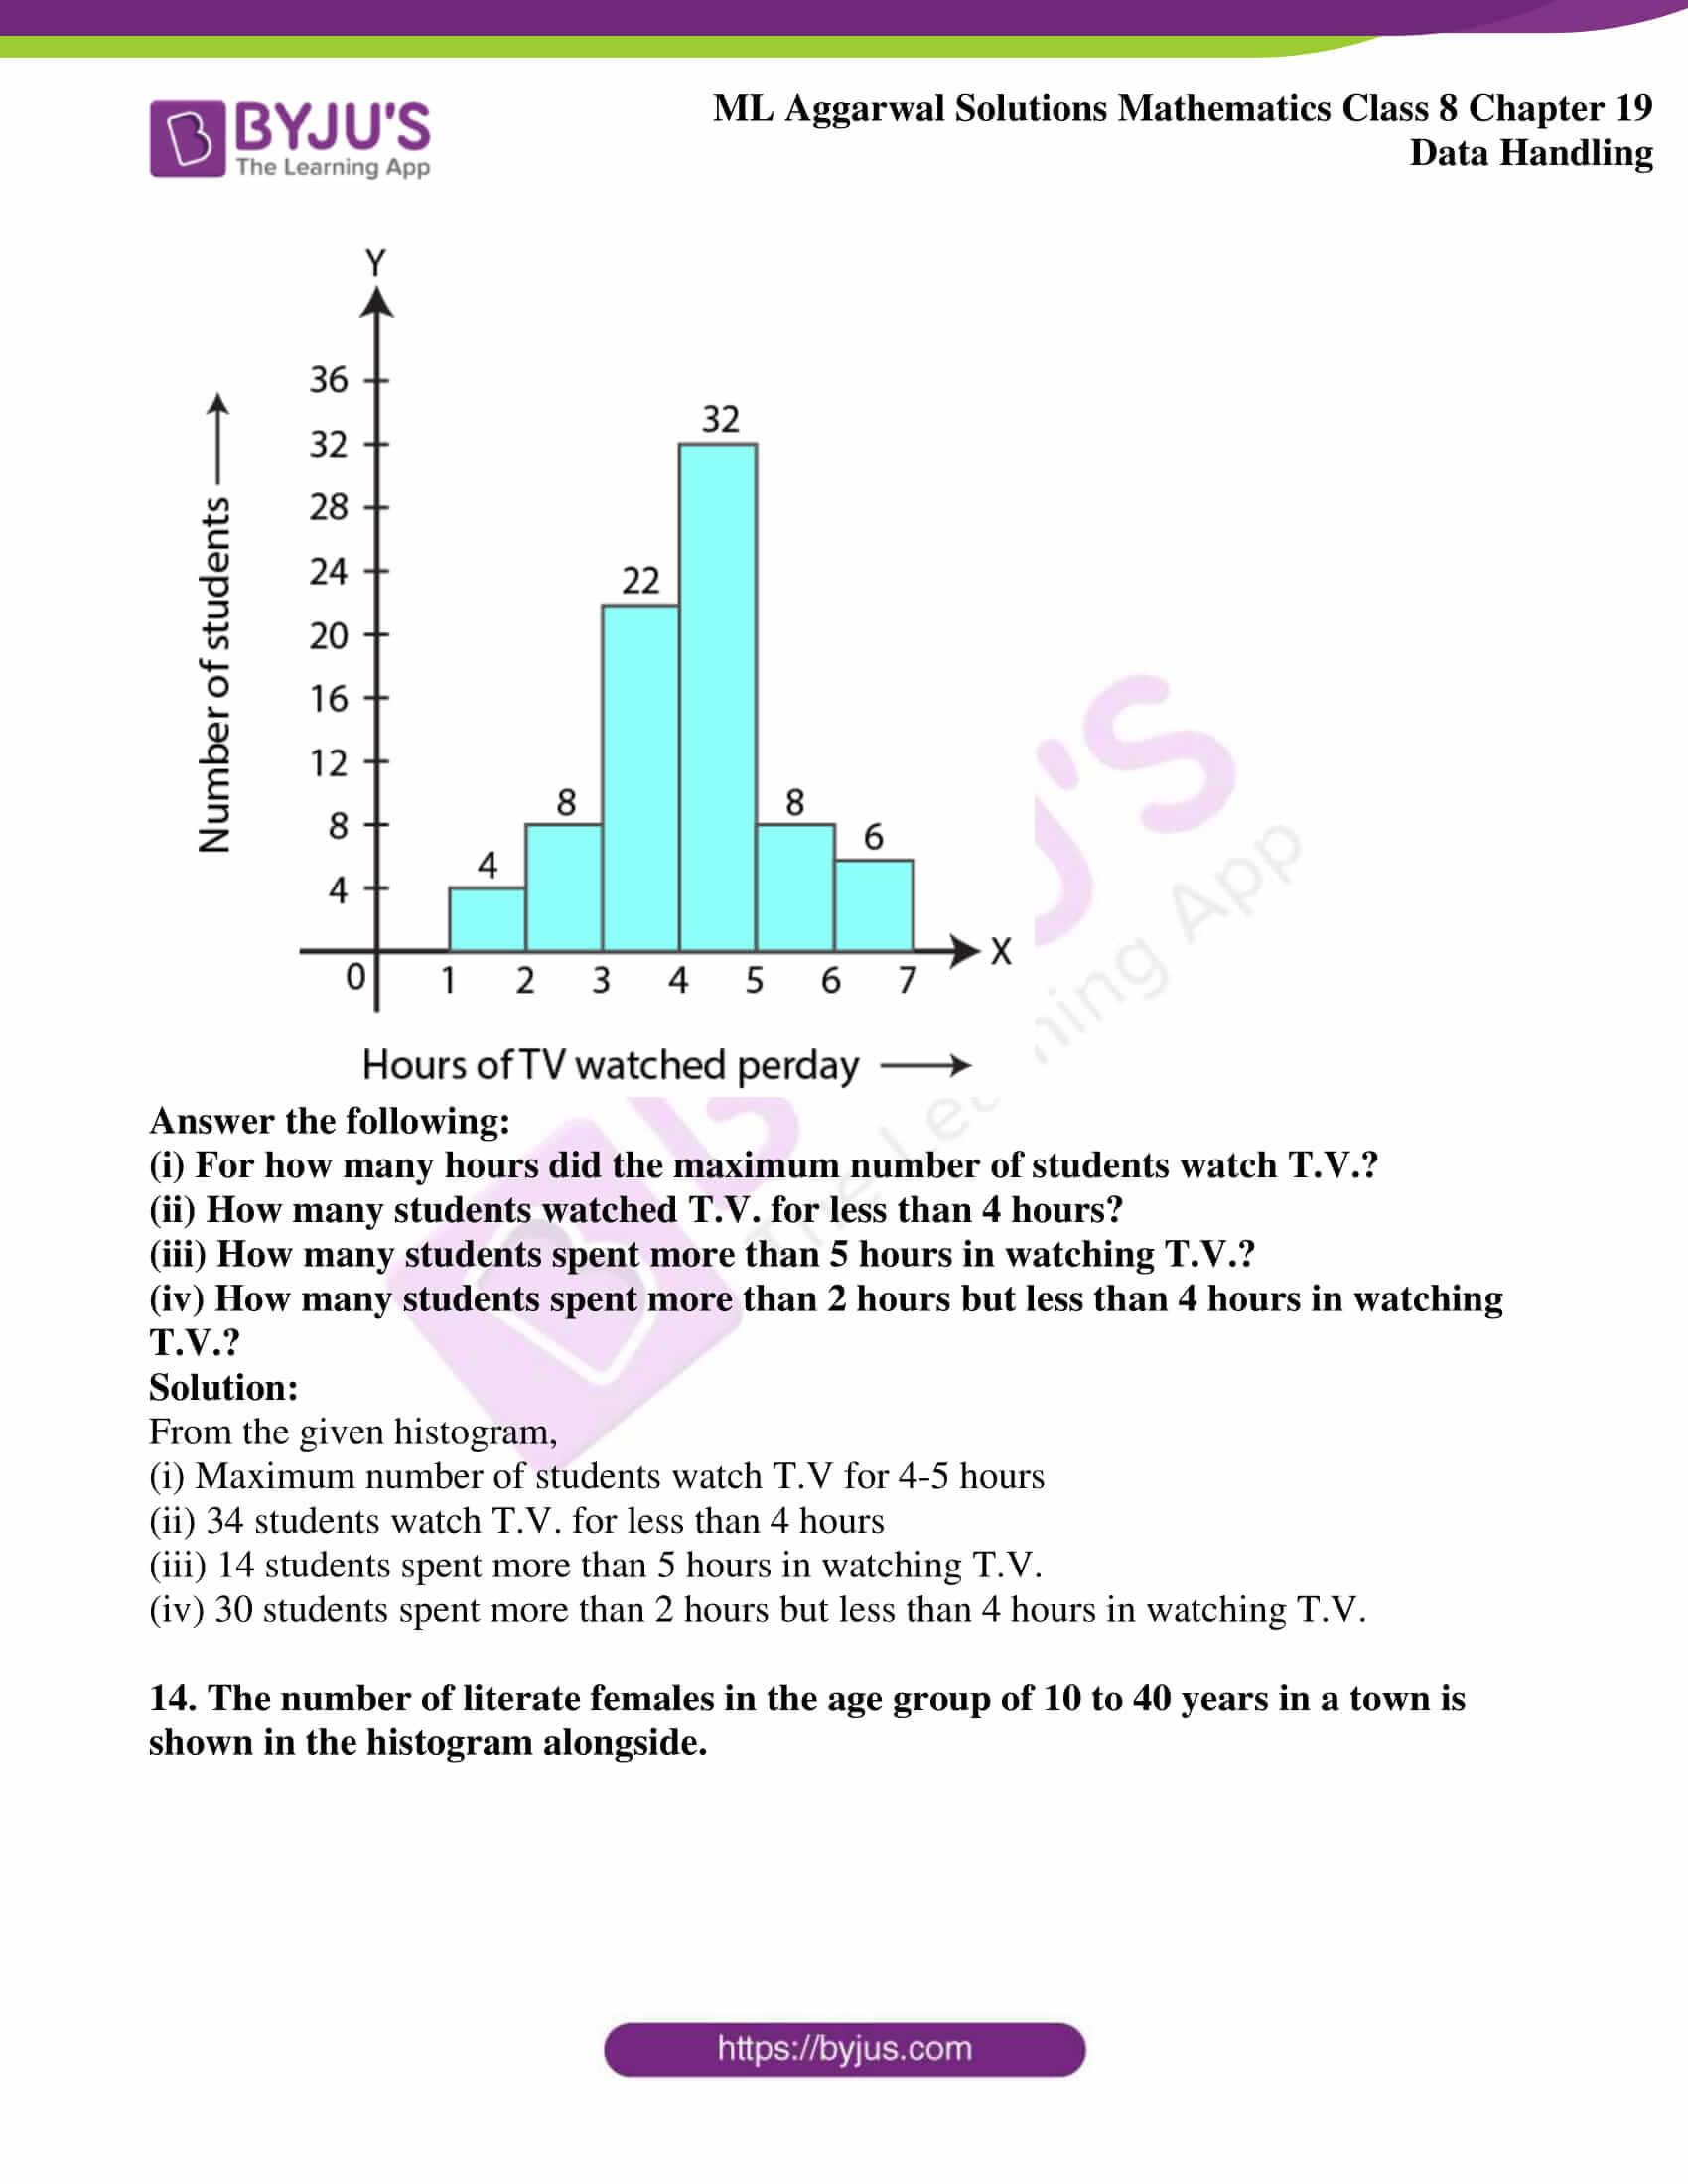 ml aggarwal sol mathematics class 8 ch 19 10